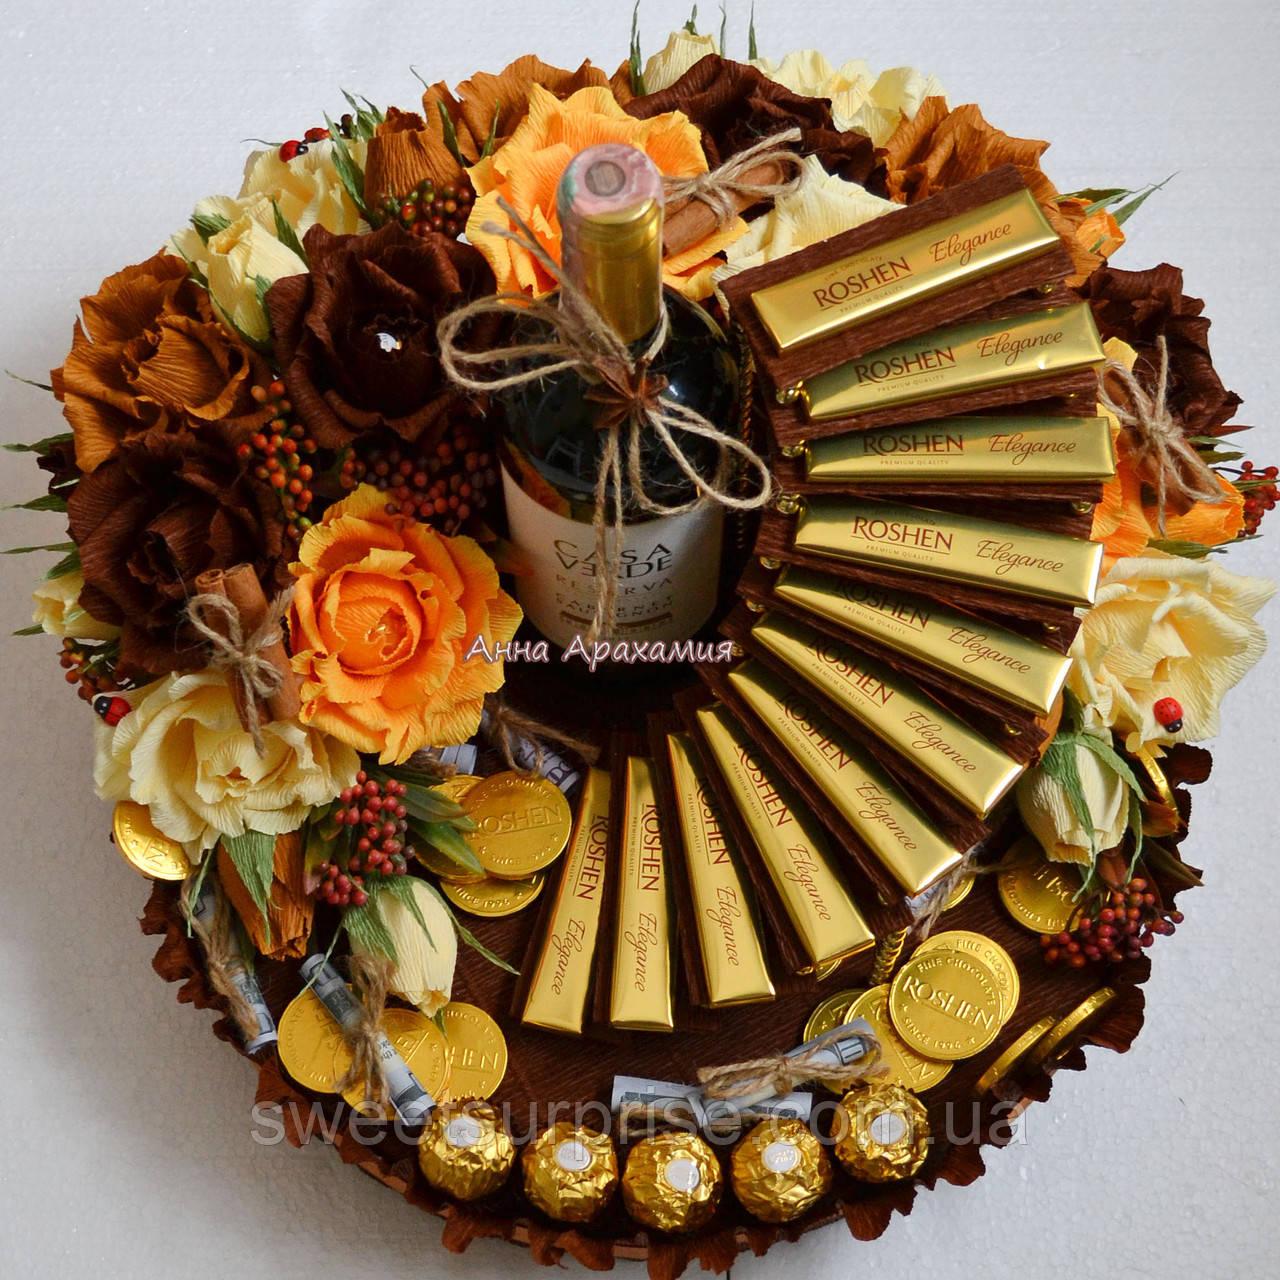 Идеи что подарить начальнику от коллектива на день рождения? 55